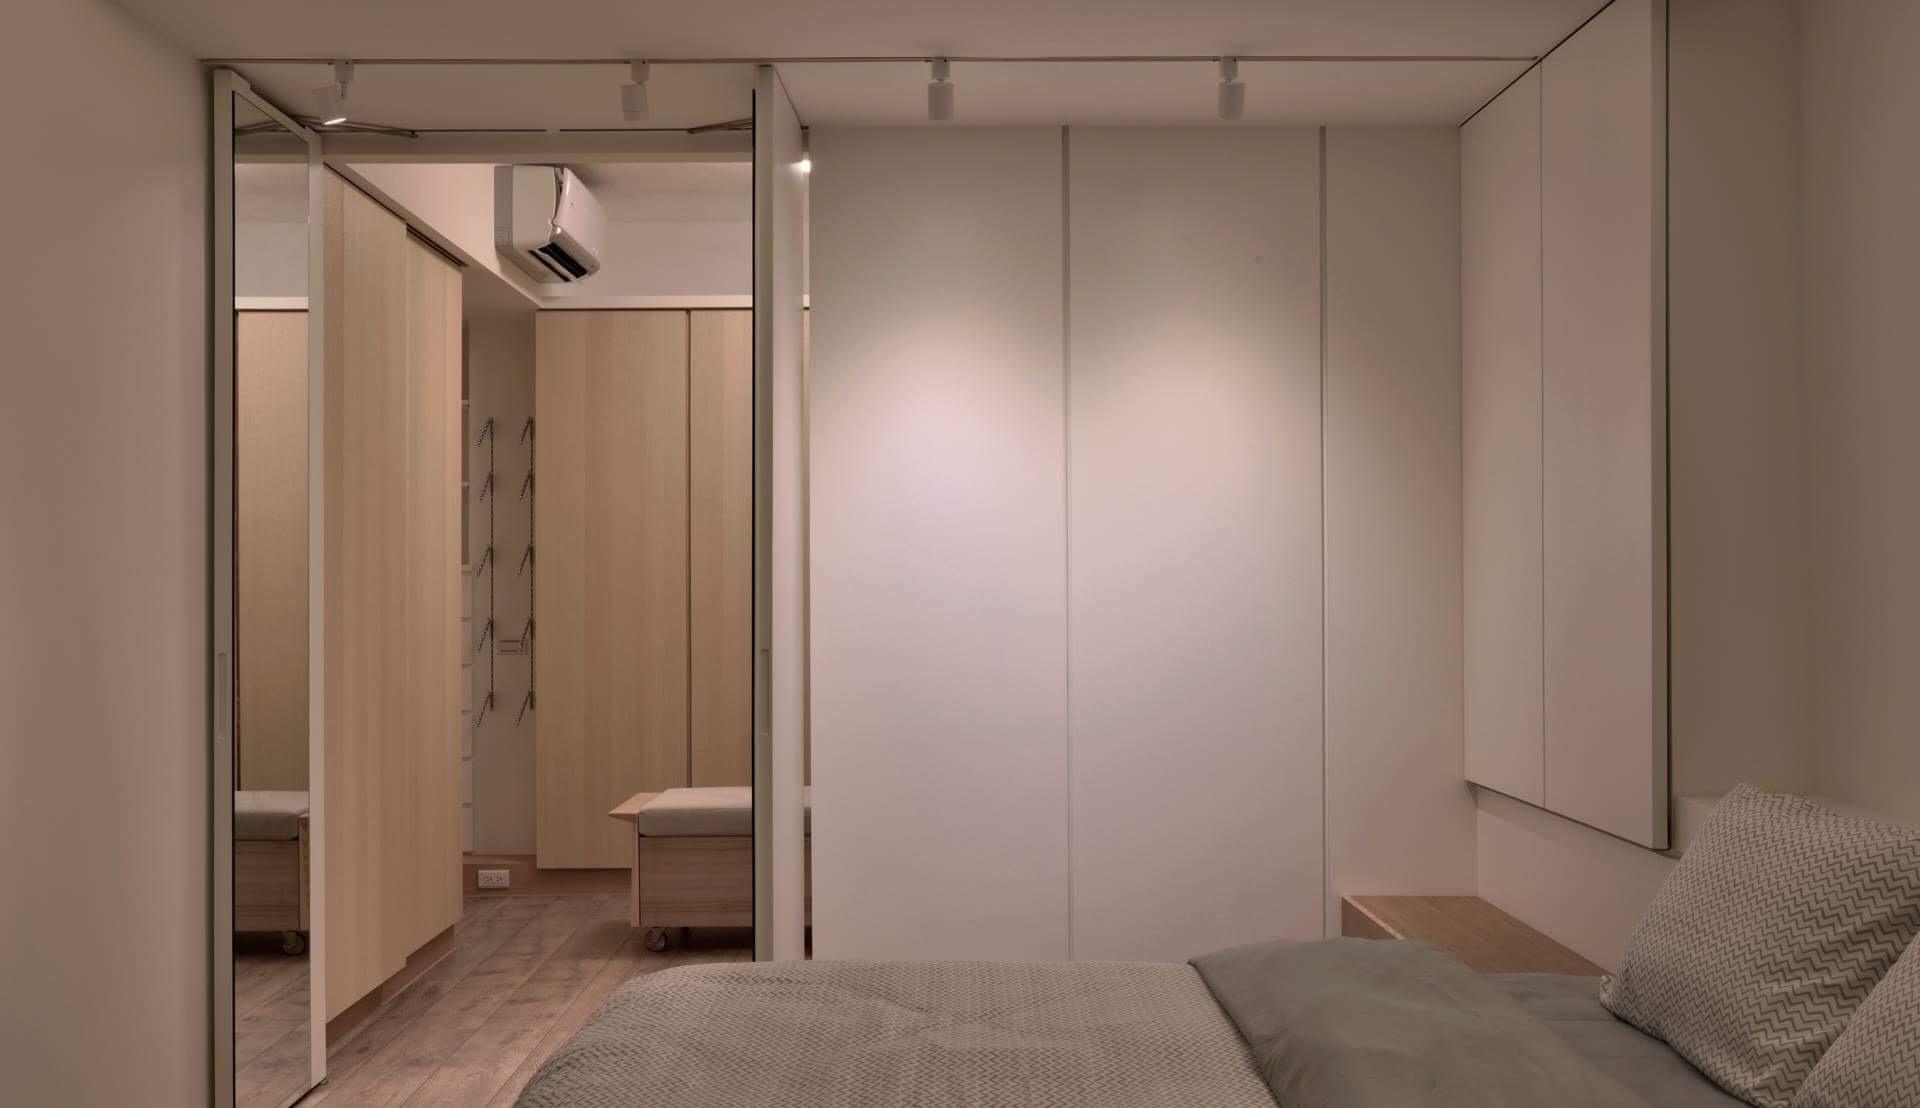 整面牆板原來是更衣間入口